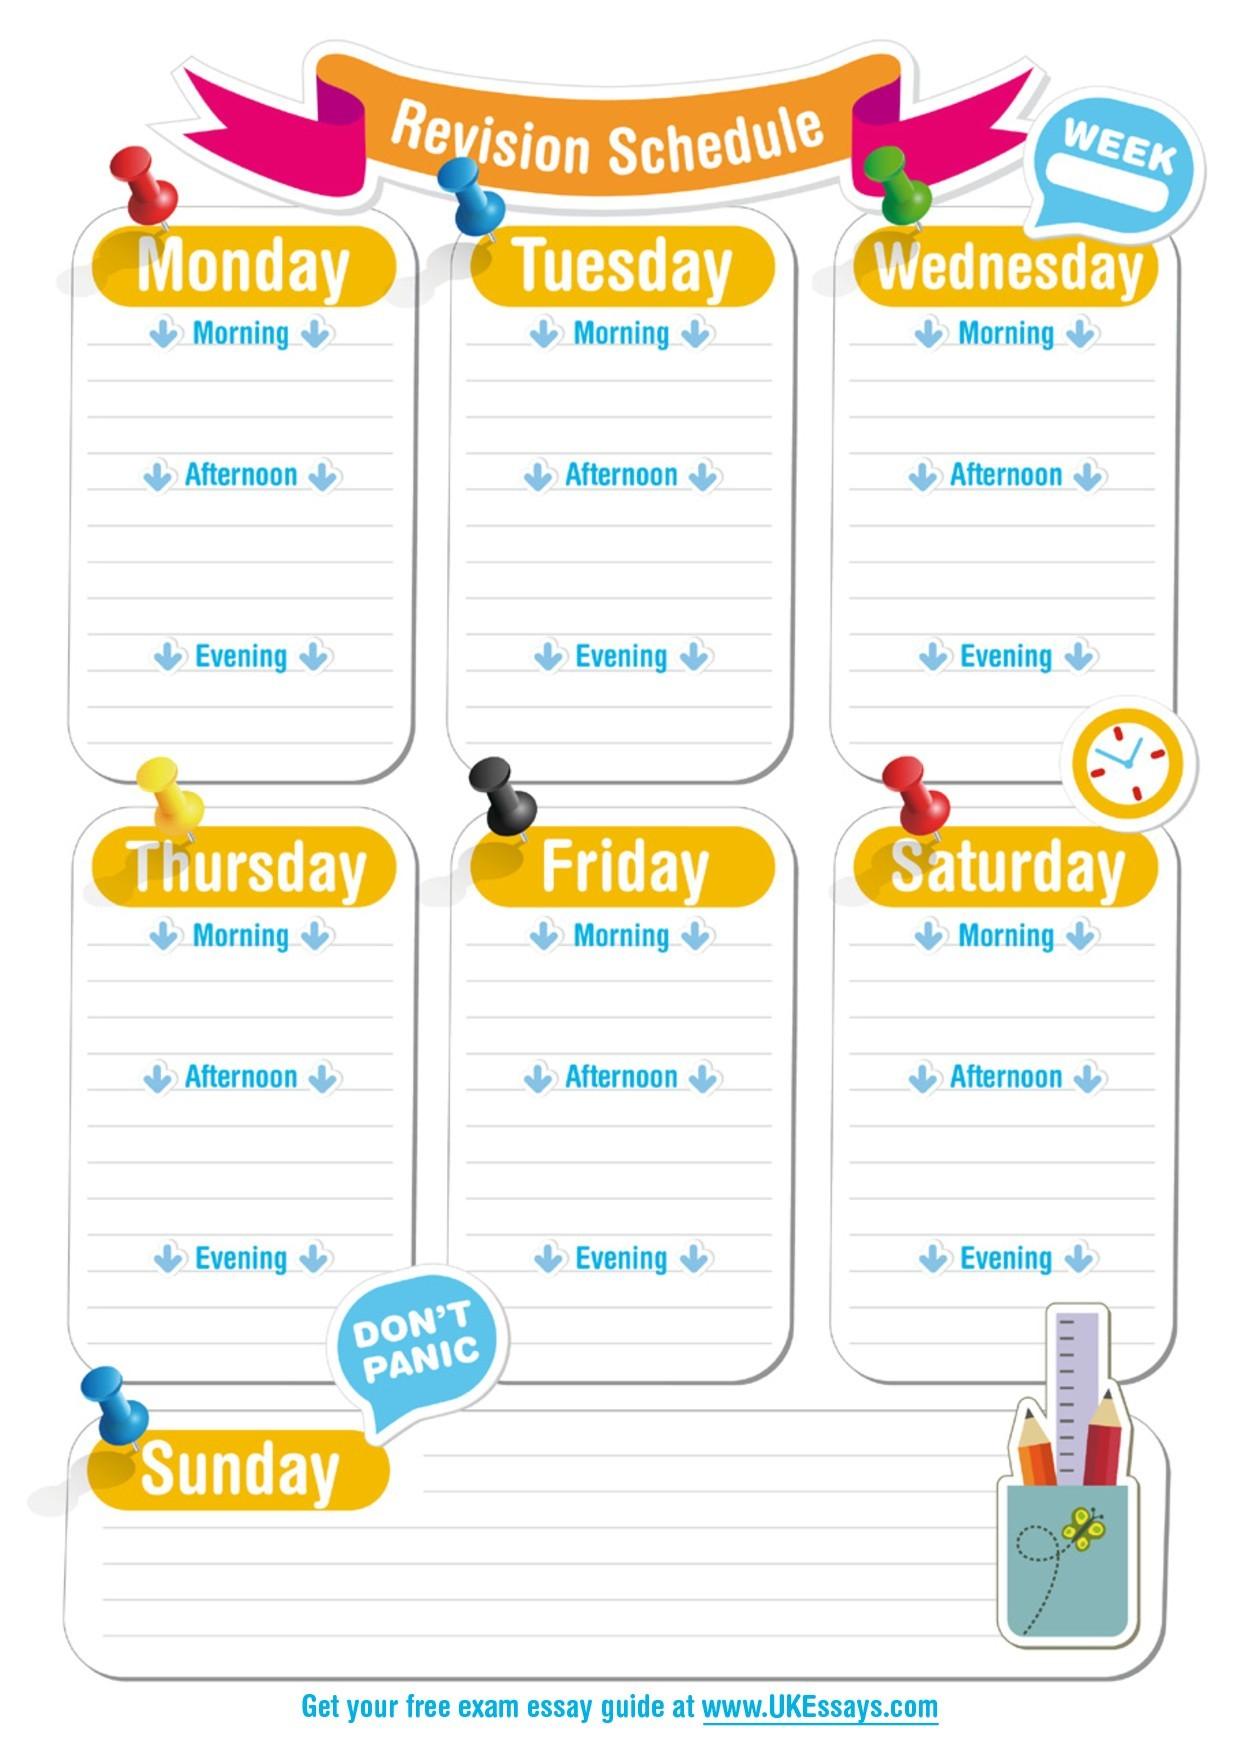 Calendario 2019 Para Imprimir Con Feriados Venezuela Más Recientes Este Es Realmente Calendario 2019 Word Modificabile Of Calendario 2019 Para Imprimir Con Feriados Venezuela Más Populares Informacion Calendario 2019 Datas Emorativas